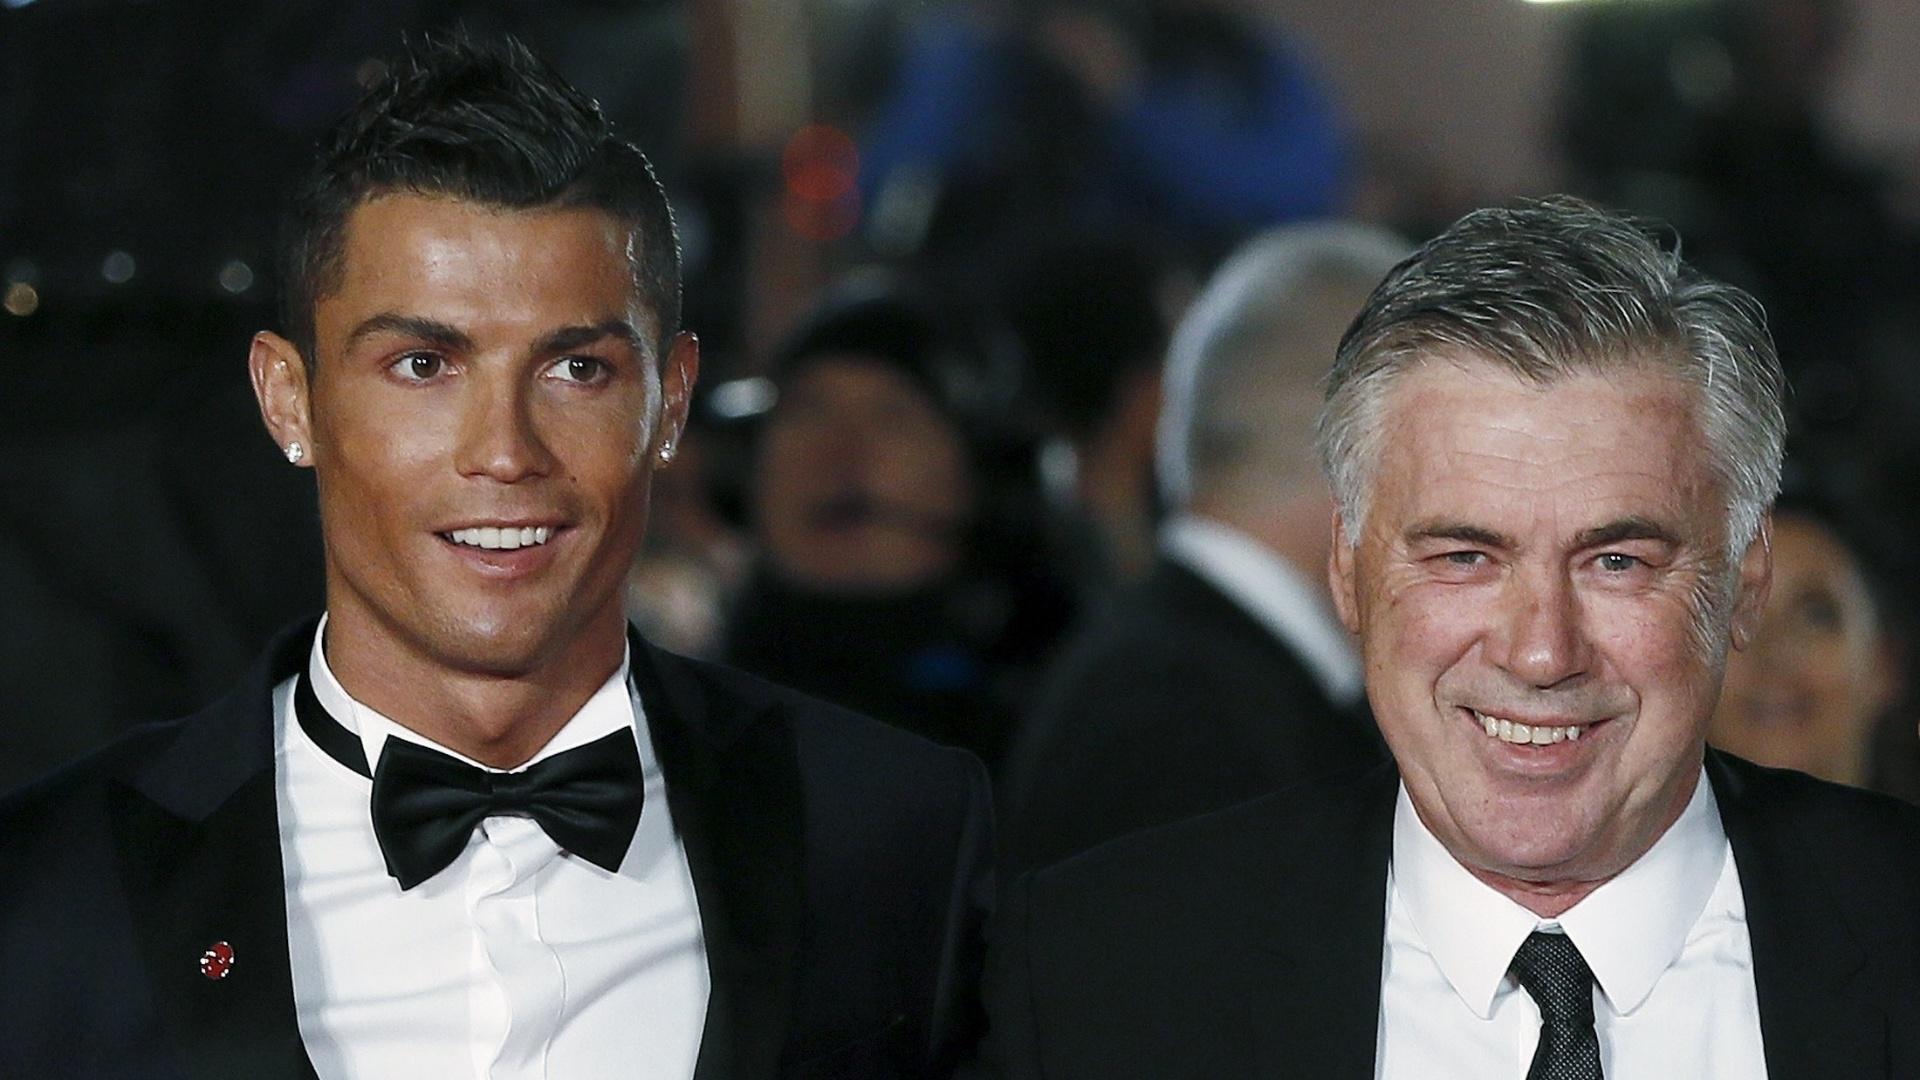 Carlo Ancelotti, treinador italiano, posa ao lado do ex-comandado. Juntos, levaram o título da Liga dos Campeões pelo Real Madrid